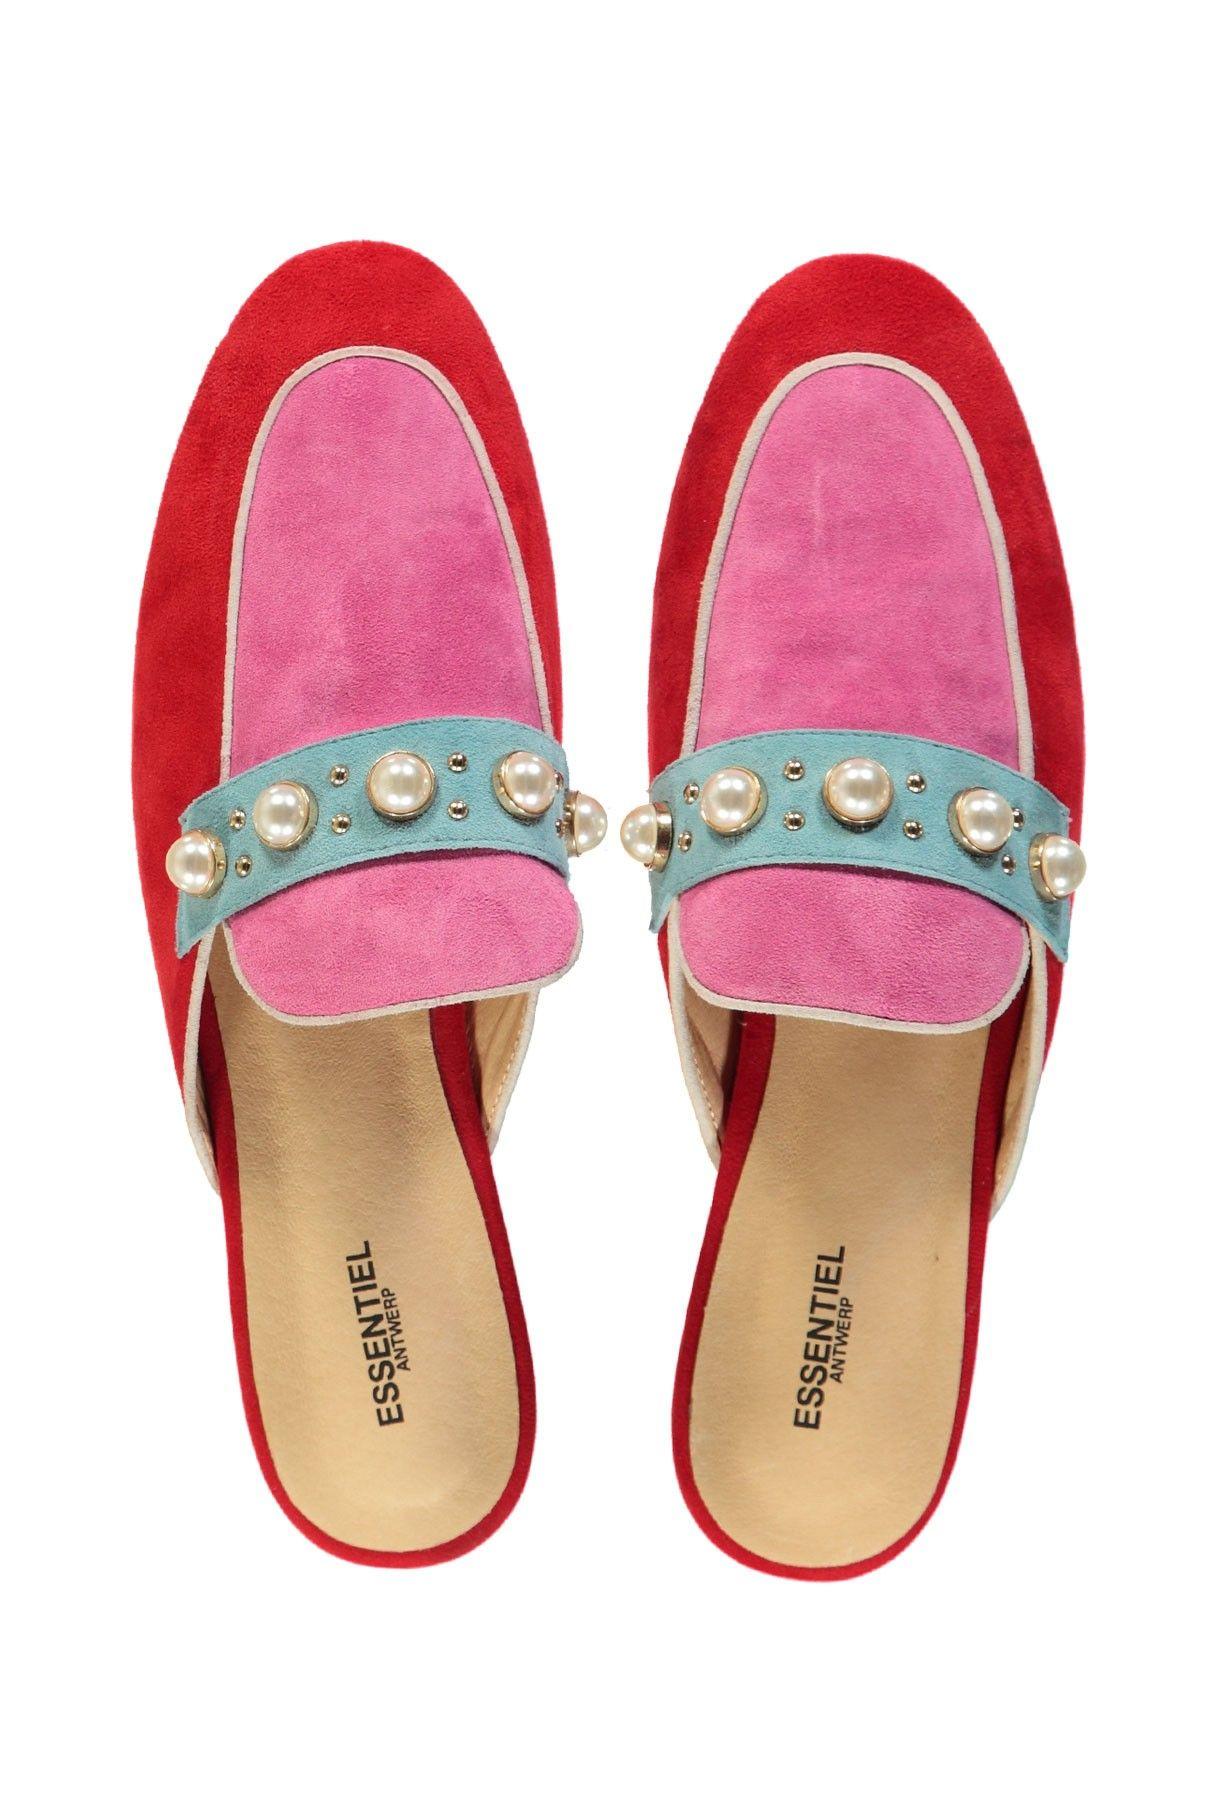 bf190b6cd8589 Pirginie shoes p1jp - Shoes Women - Accessories - Essentiel Antwerp ...